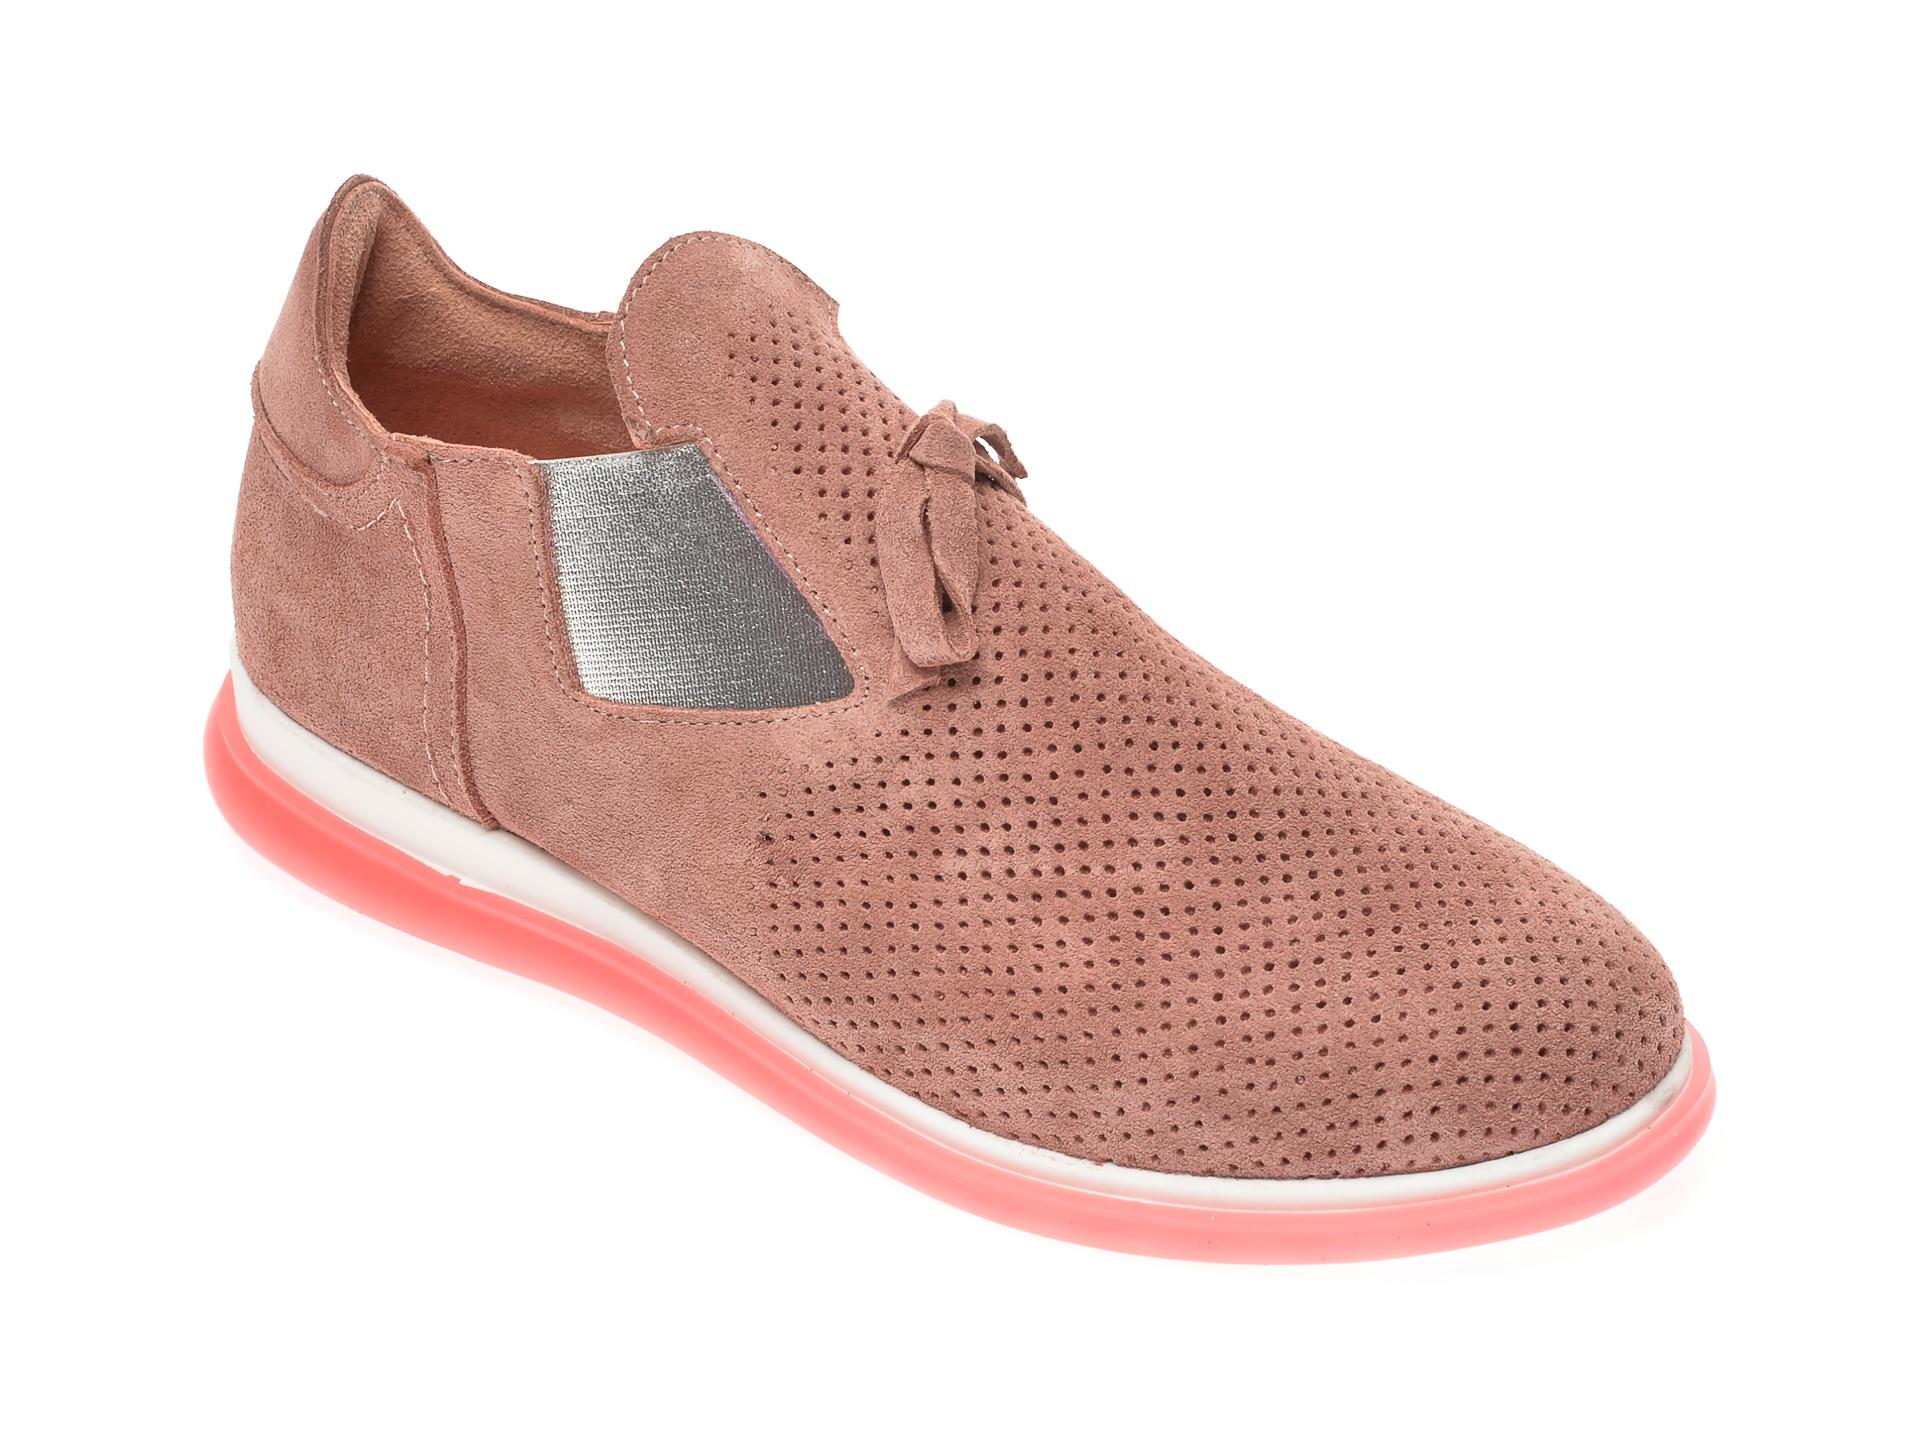 Pantofi FLAVIA PASSINI nude, 402712, din piele intoarsa imagine